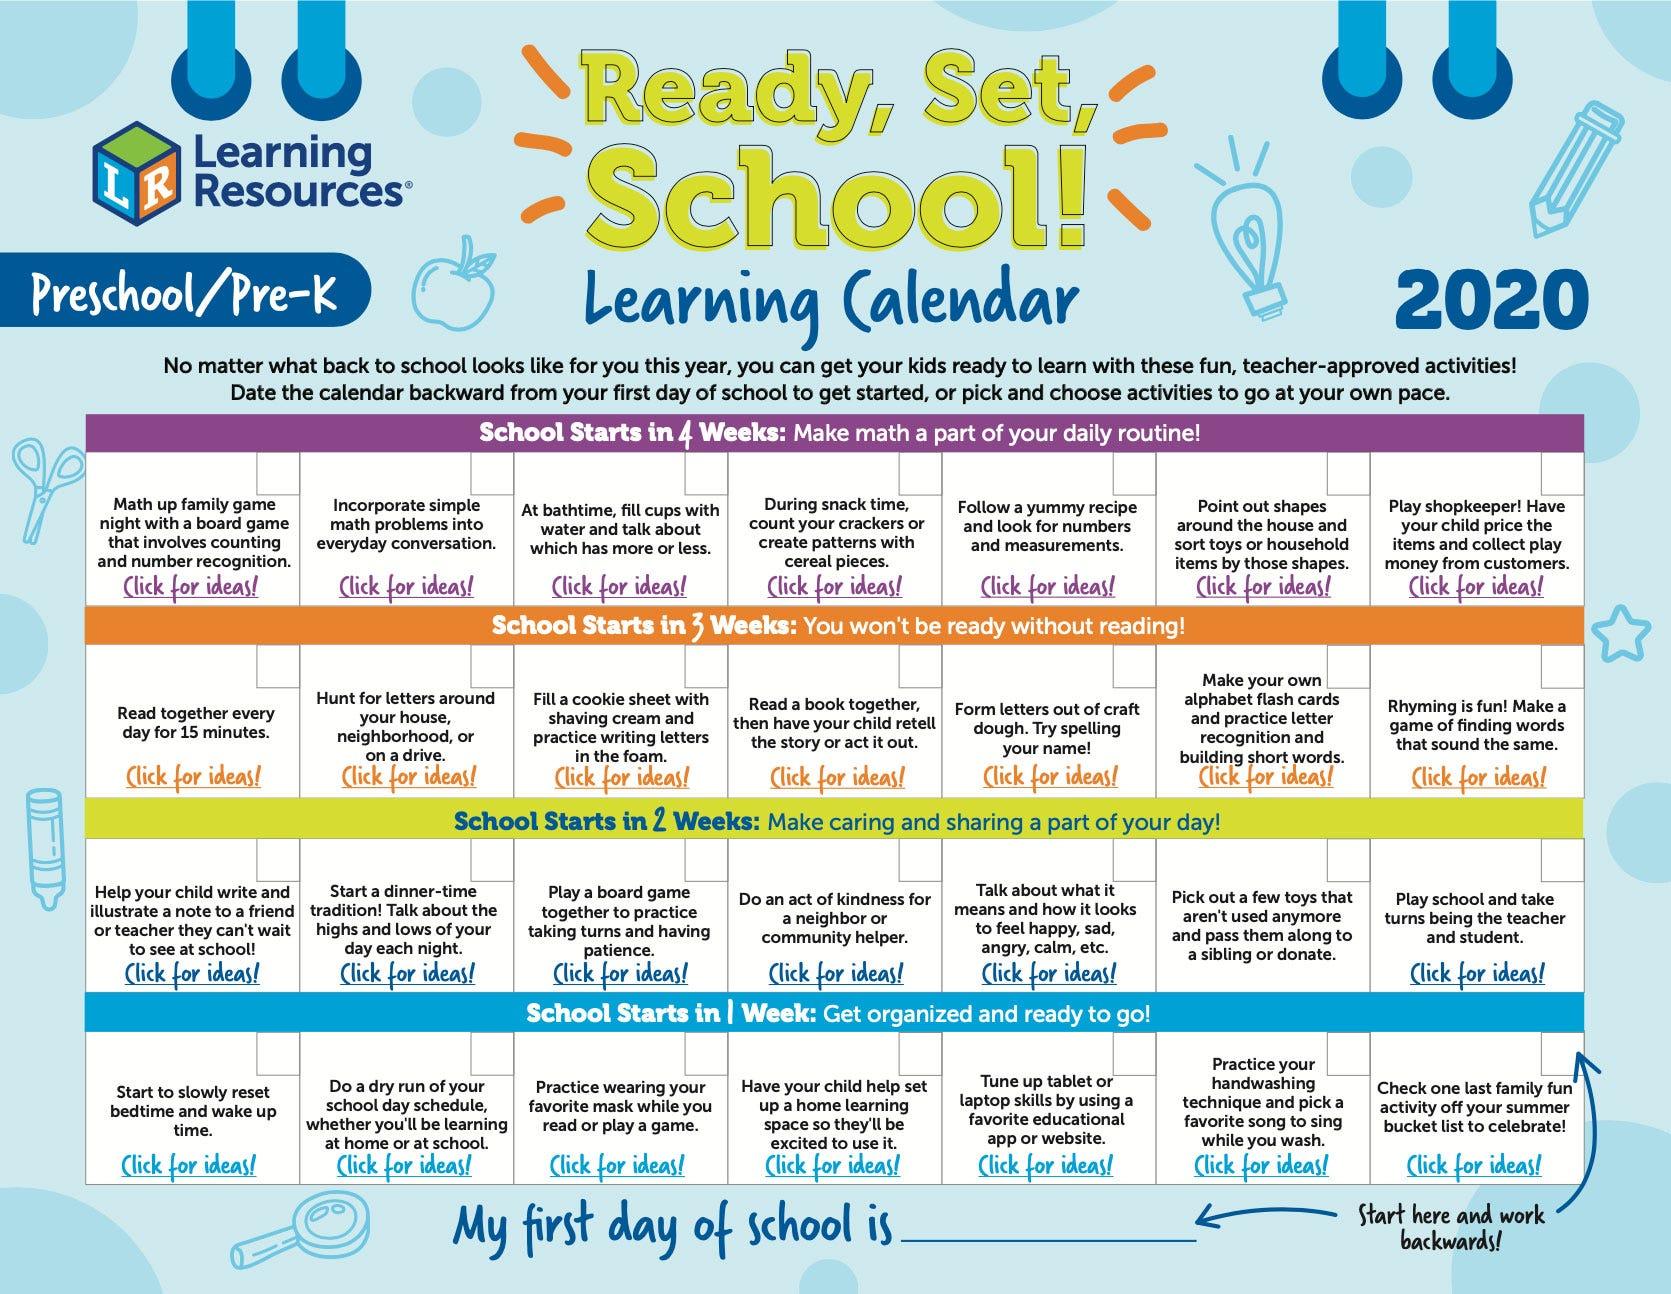 Preschool/Pre-K Learning Calendar